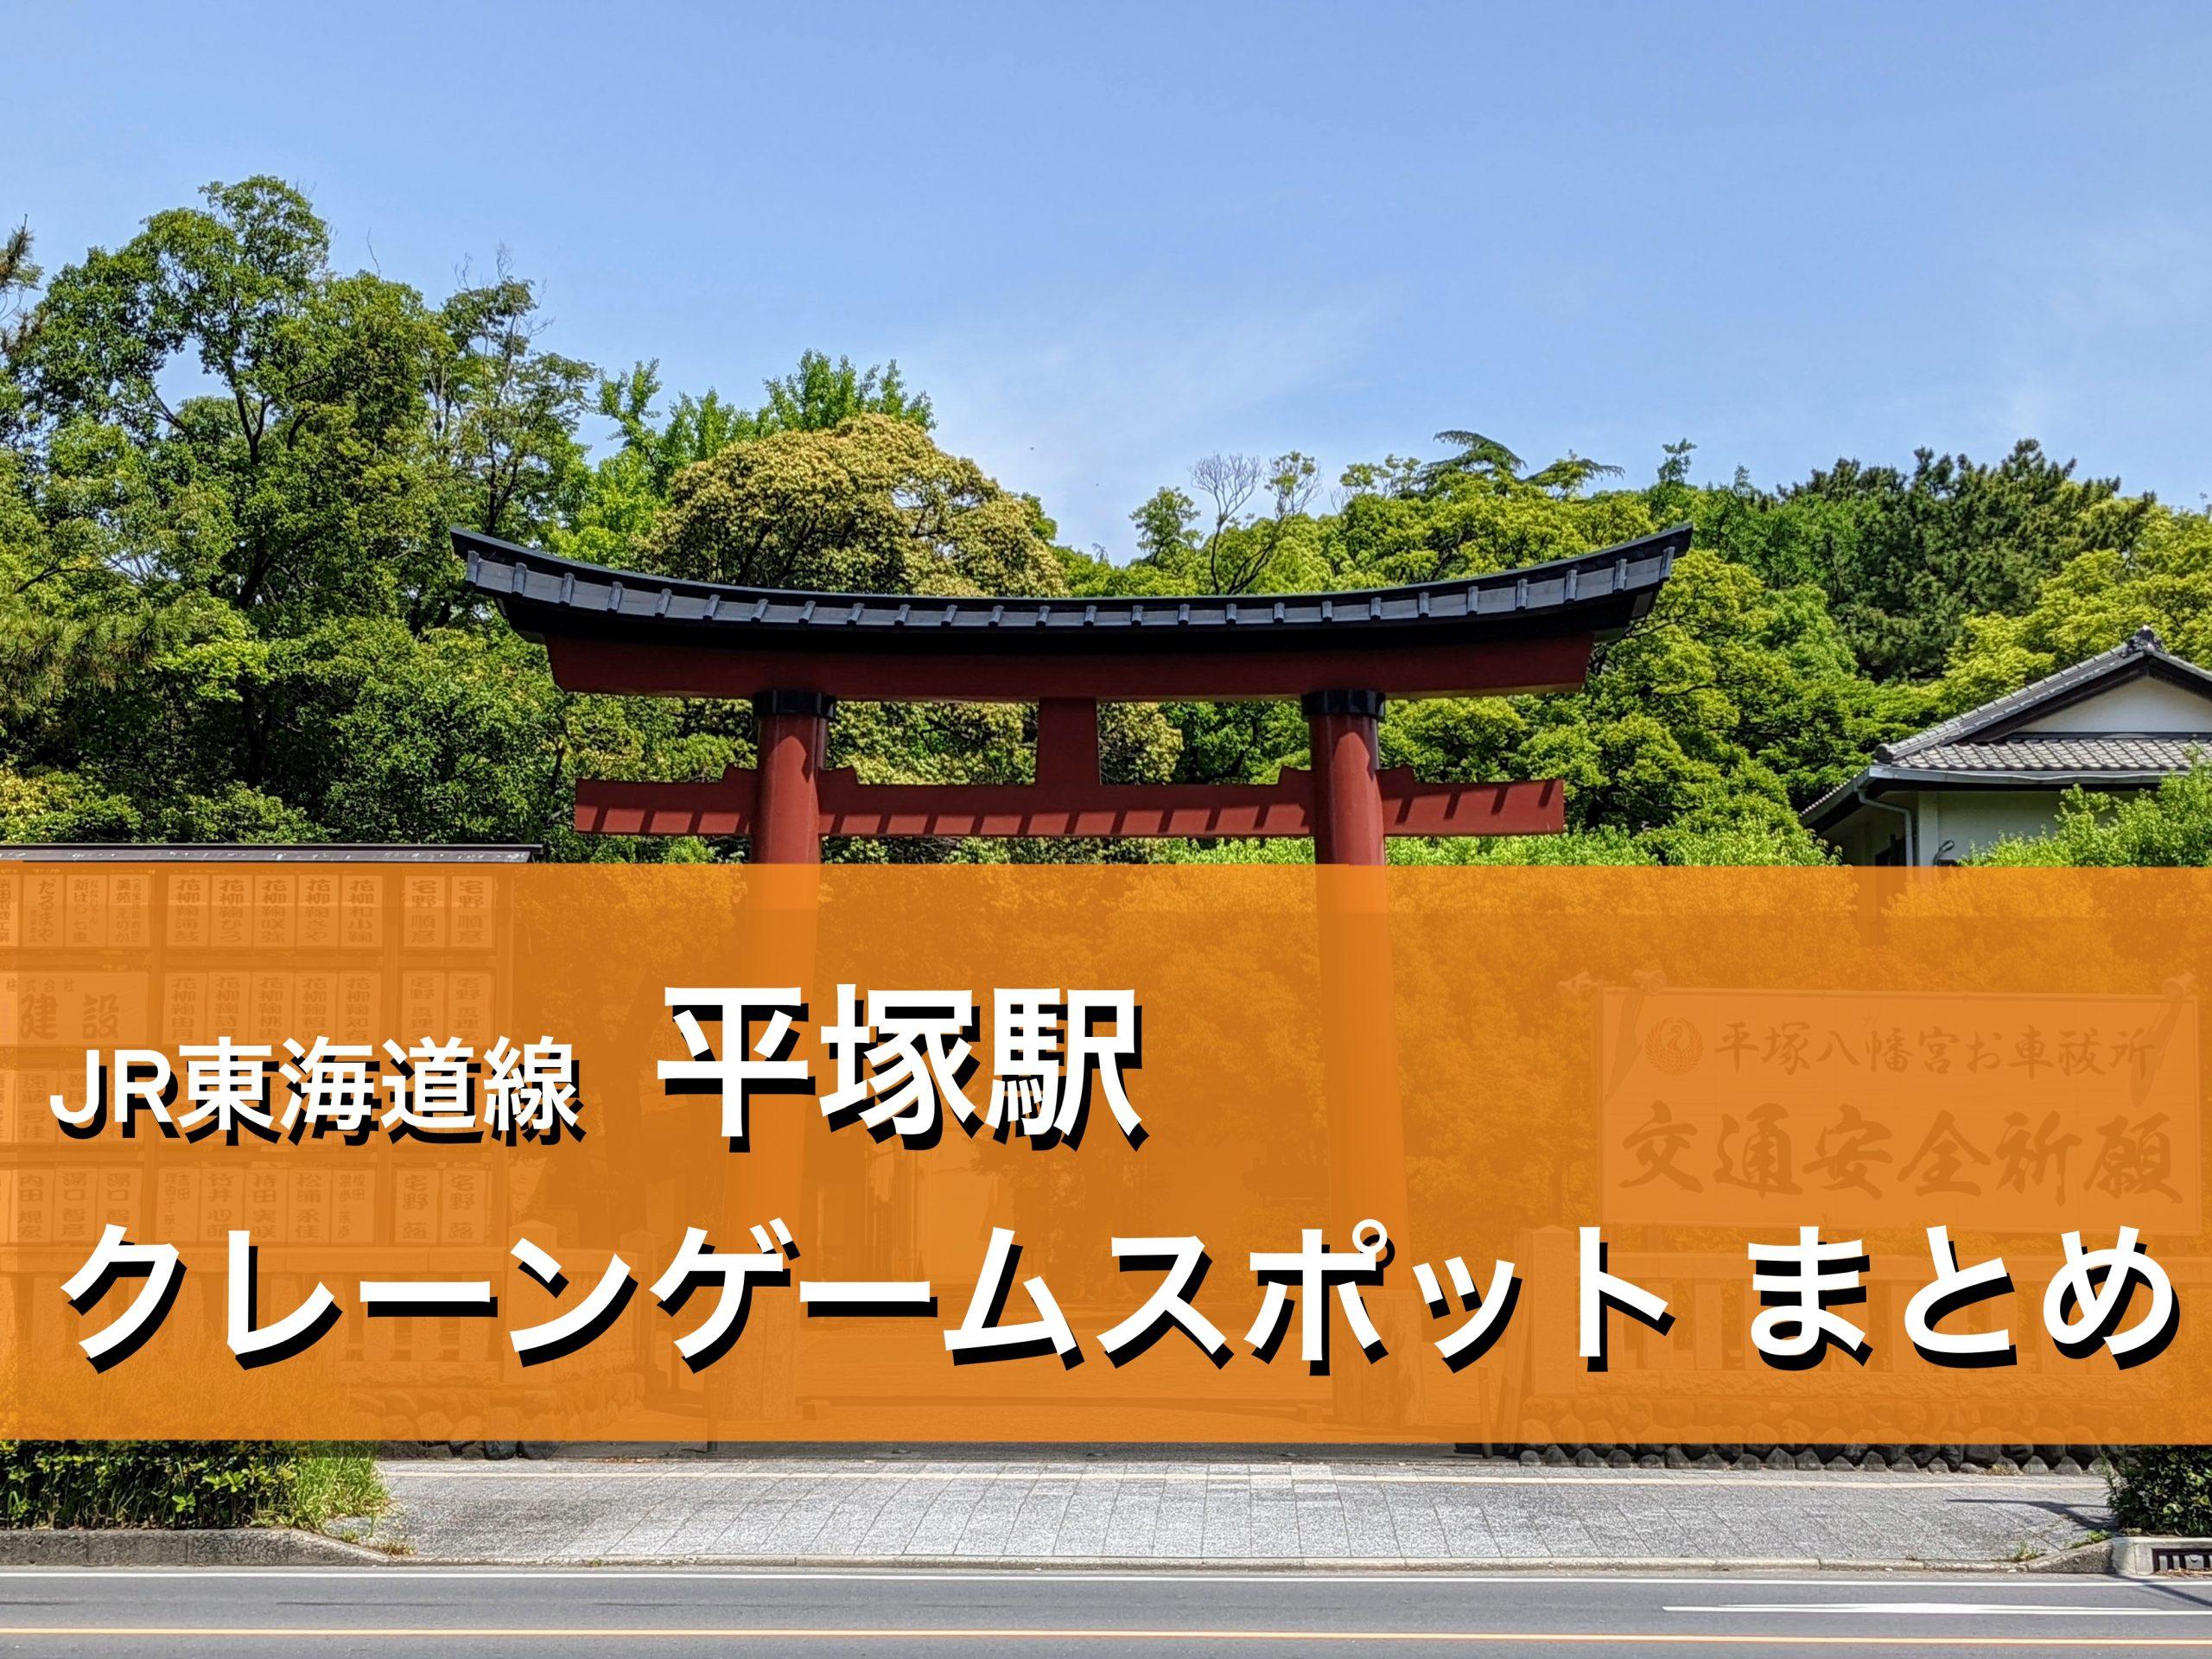 【平塚駅】クレーンゲームができる場所